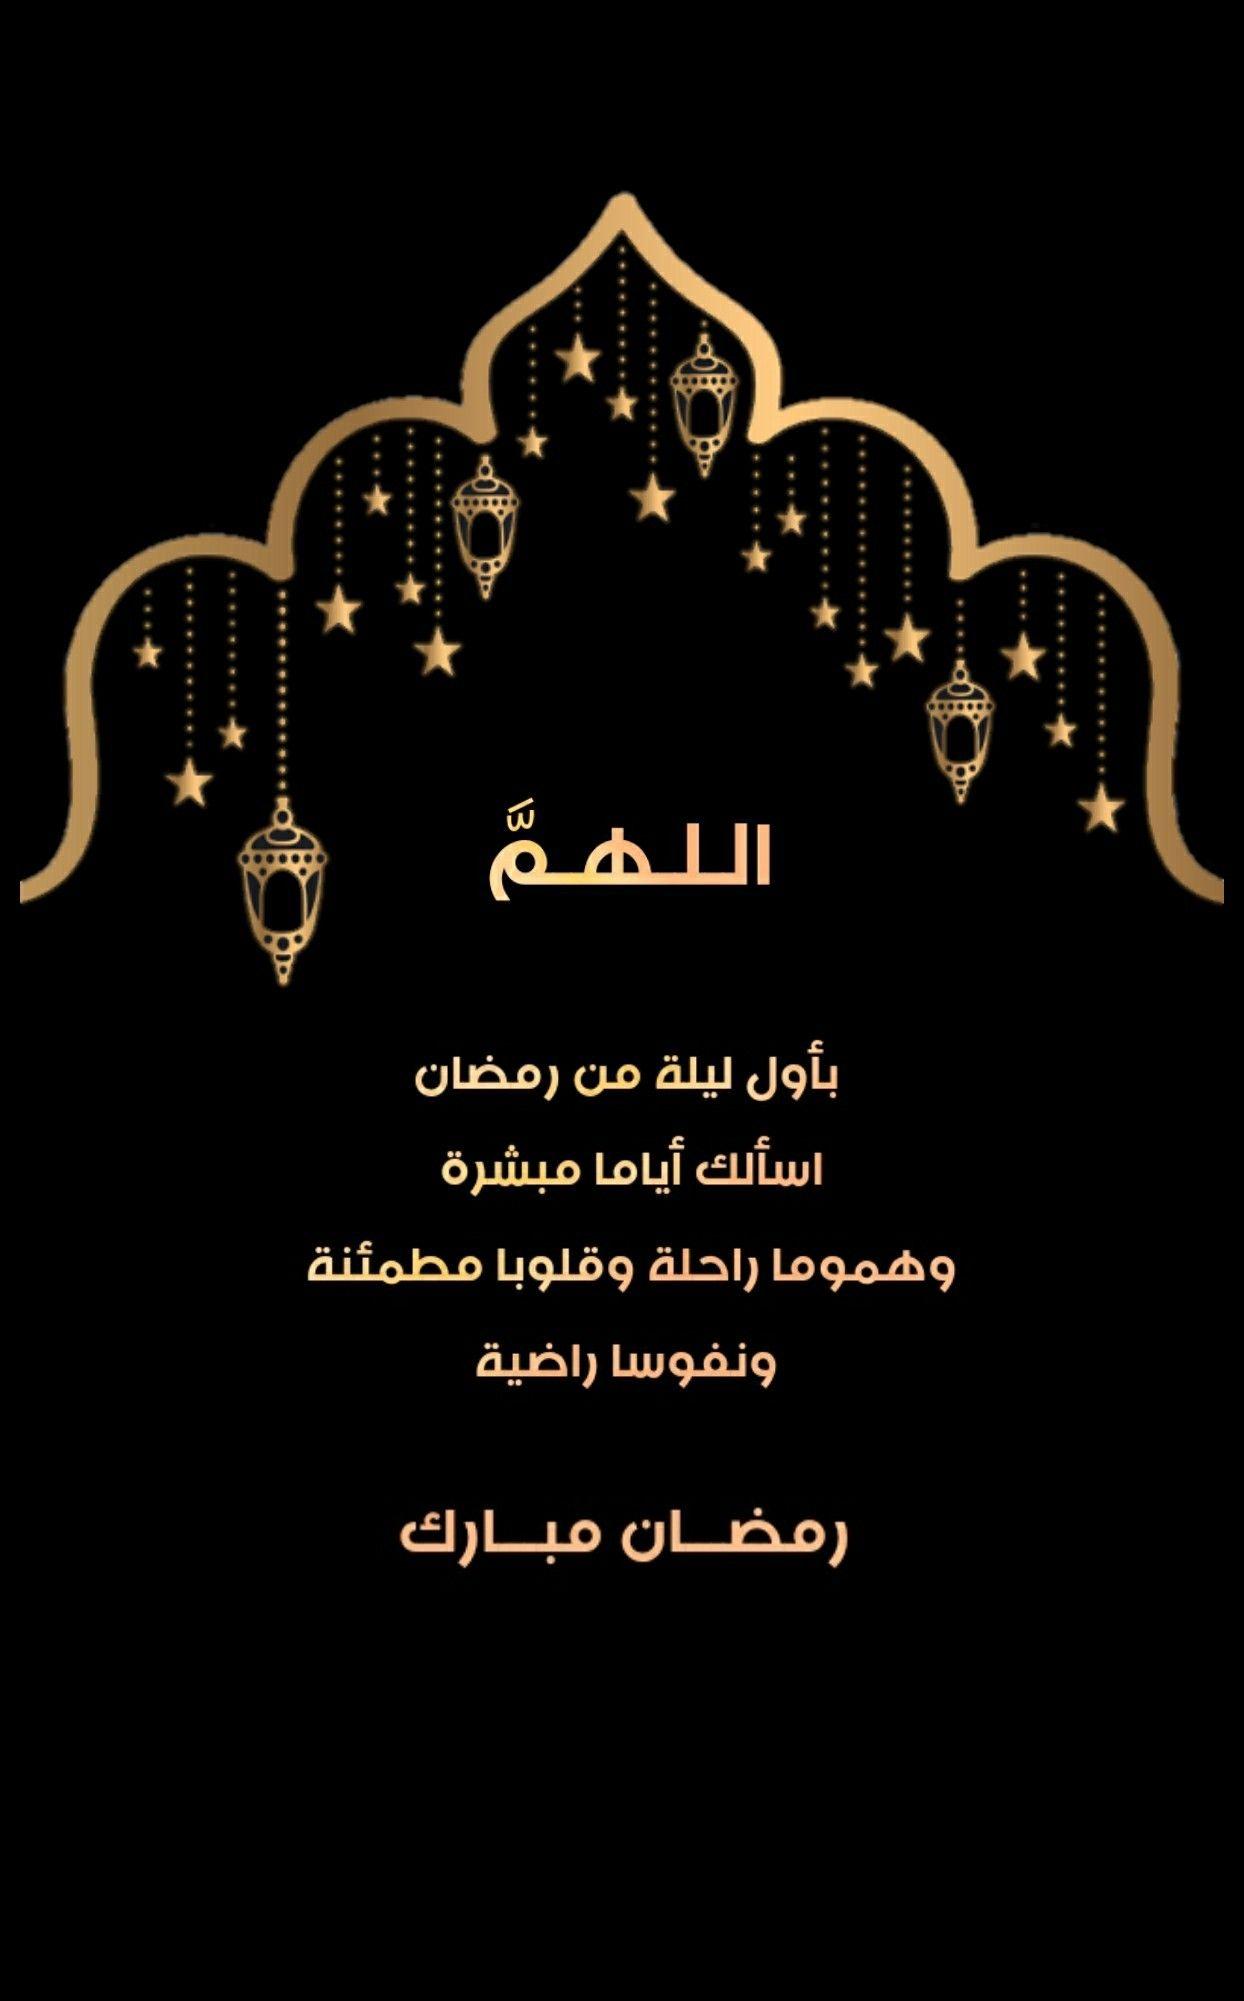 الـلــ هــم بأول ليلة من ر م ض آن اسألك أياما مبشرة وهموما راحلة وقلوبا مطمئنة ونفوسا راضية رمضـــان Ramadan Cards Ramadan Quotes Ramadan Greetings